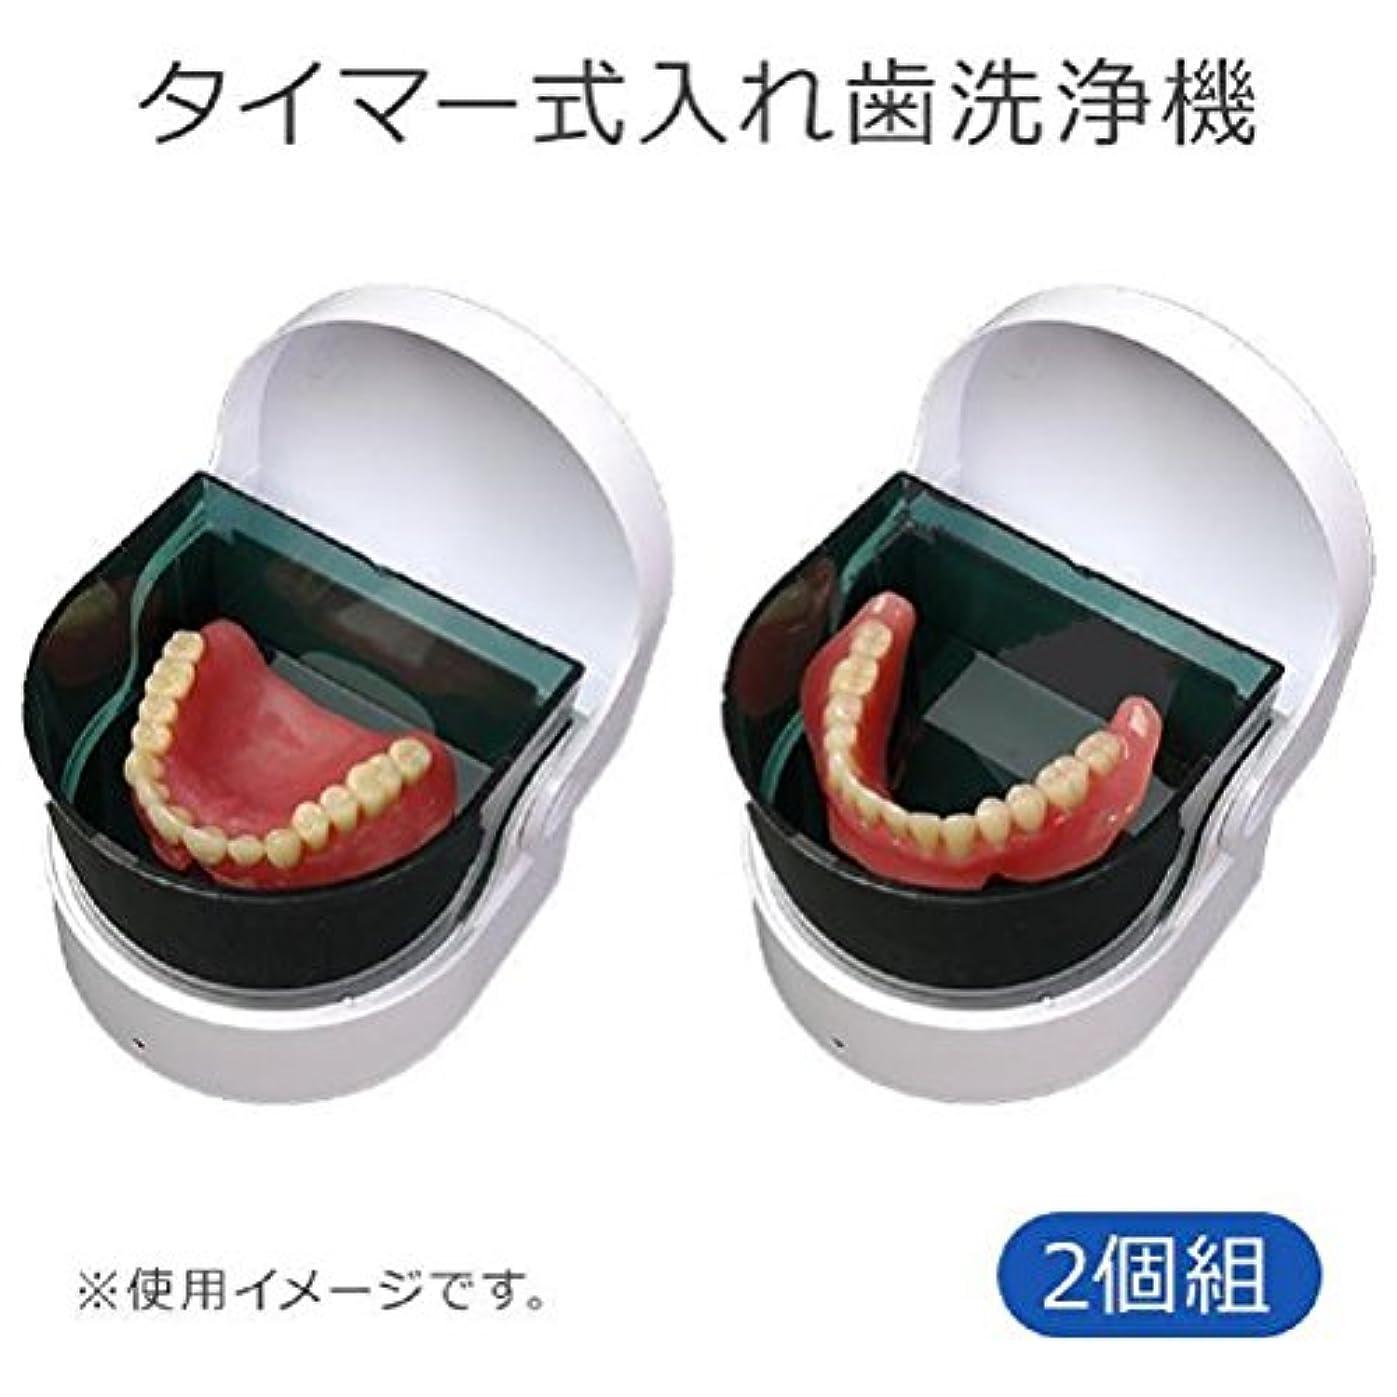 味免疫する無関心タイマー式入れ歯洗浄機 2個組 K12327